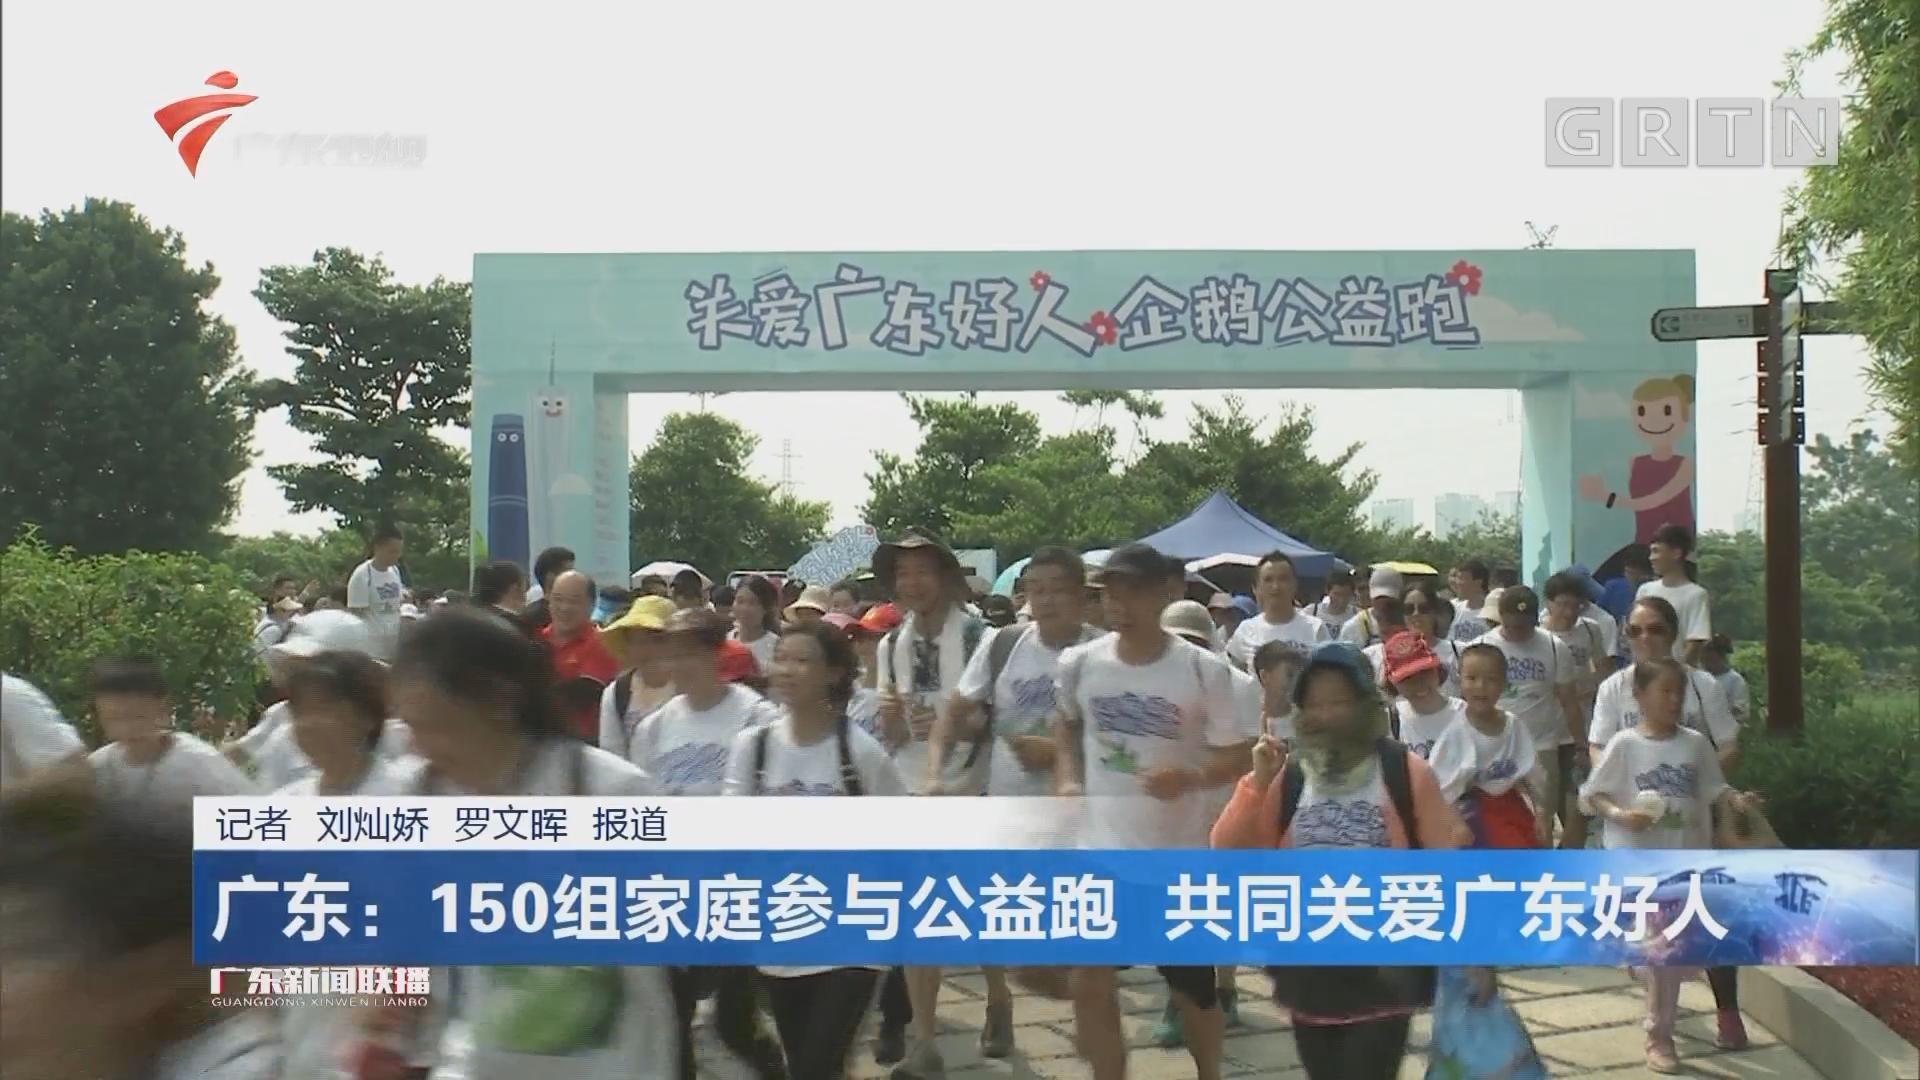 广东:150组家庭参与公益跑 共同关爱广东好人